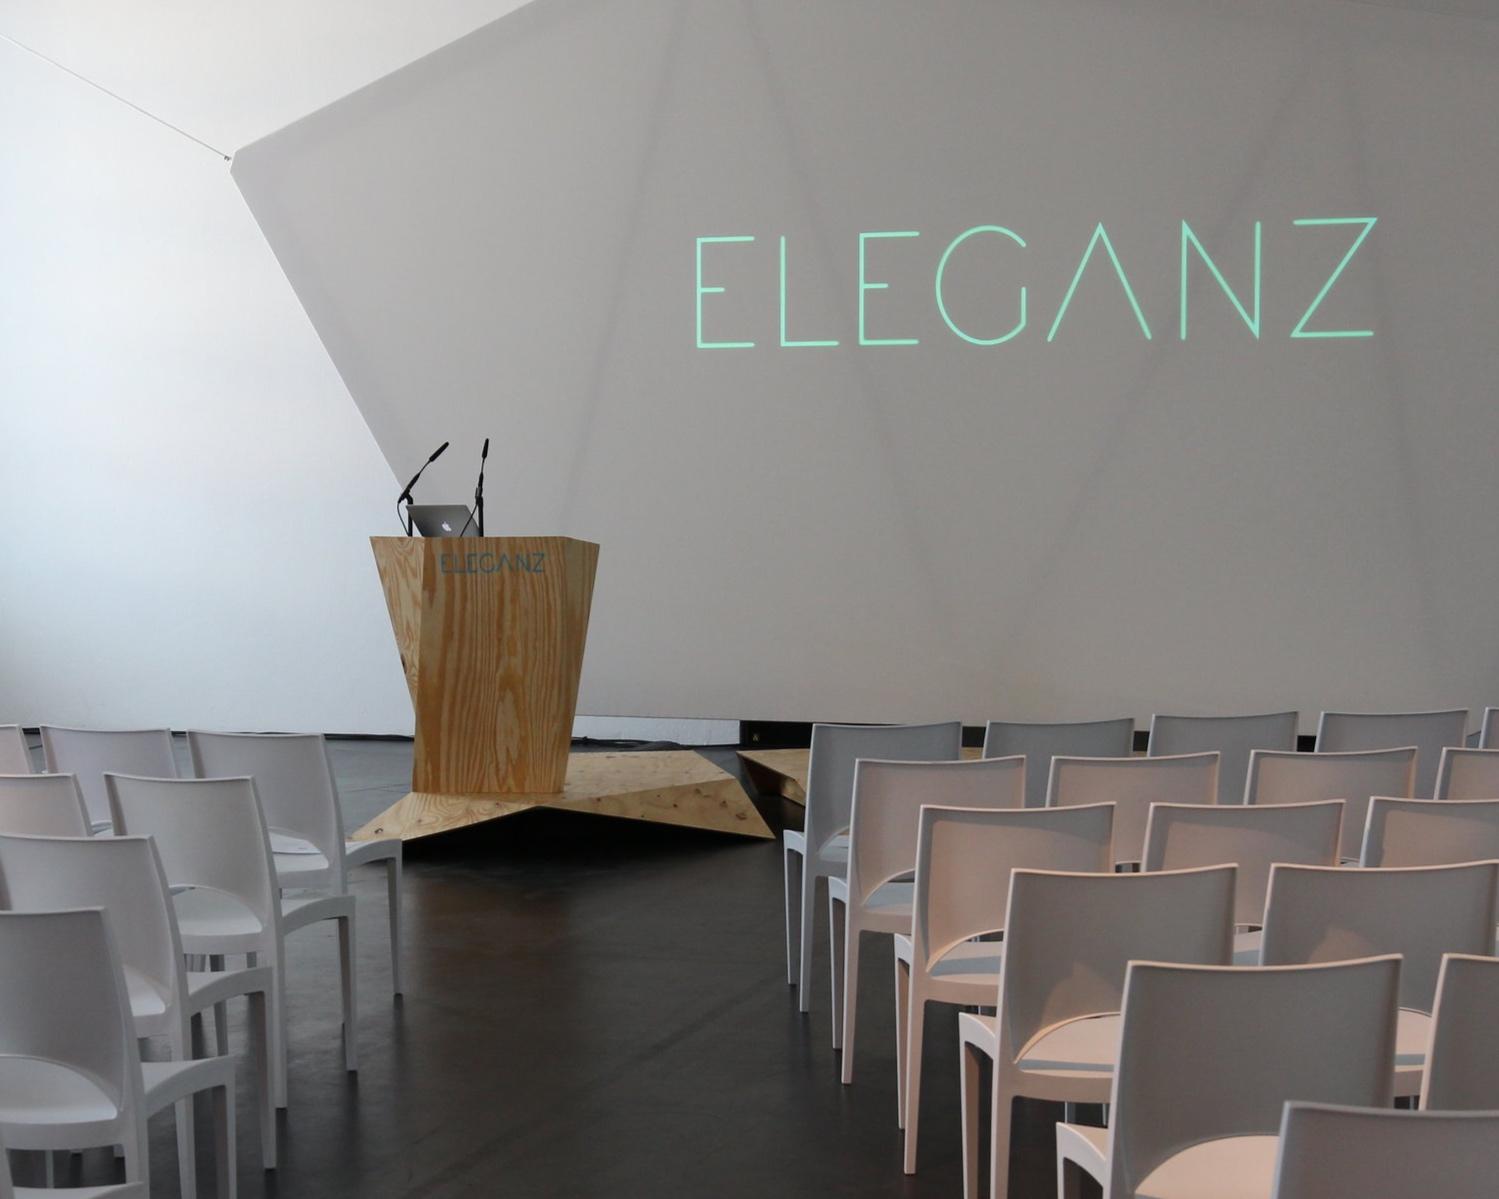 Triad - ELEGANZ Konferenz   STAGE DESIGN I SPEAKER PODIUM